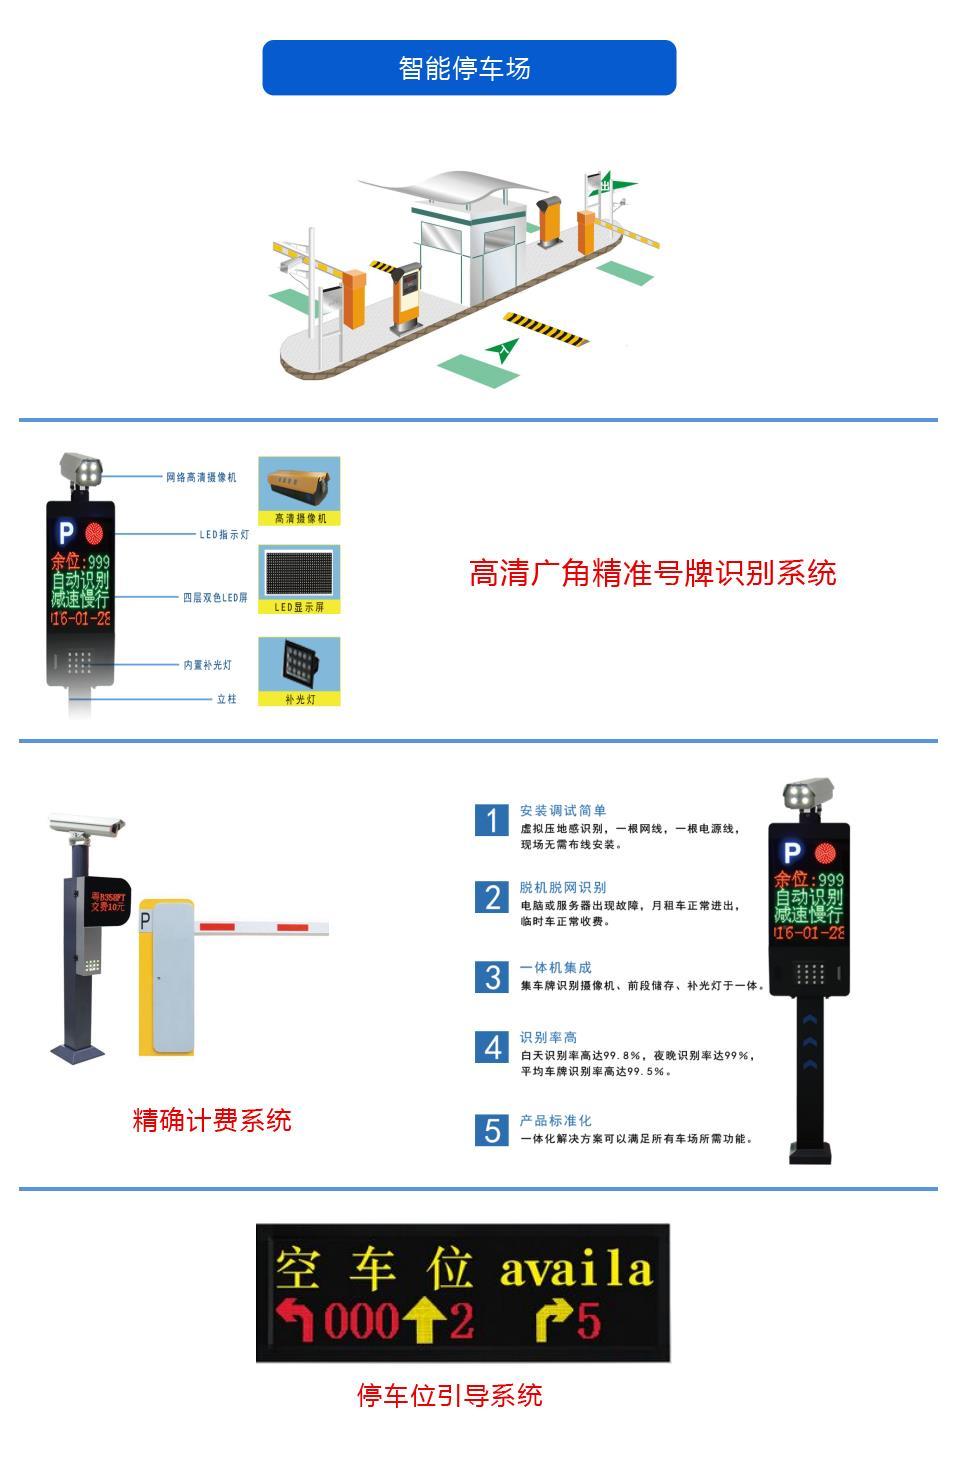 想必大多数停车场都是利用传感器来解决这个问题的,但是传统的传感器